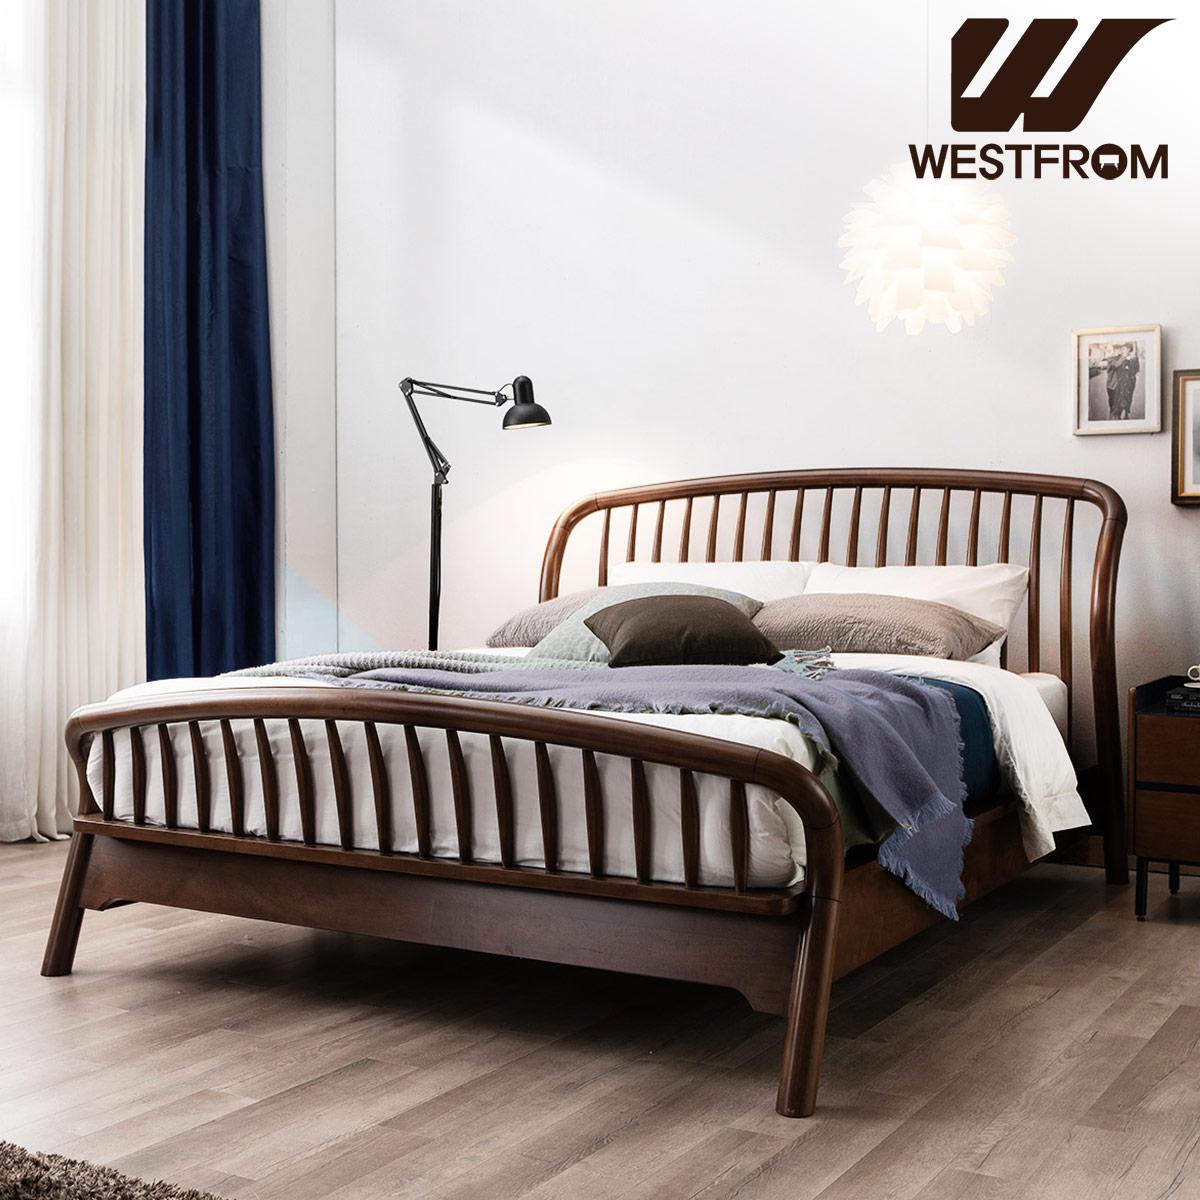 [웨스트프롬] 빈티지 두오모) 원목 평상형 침대(퀸) / 텐더 바다 매트리스 / 전국착불